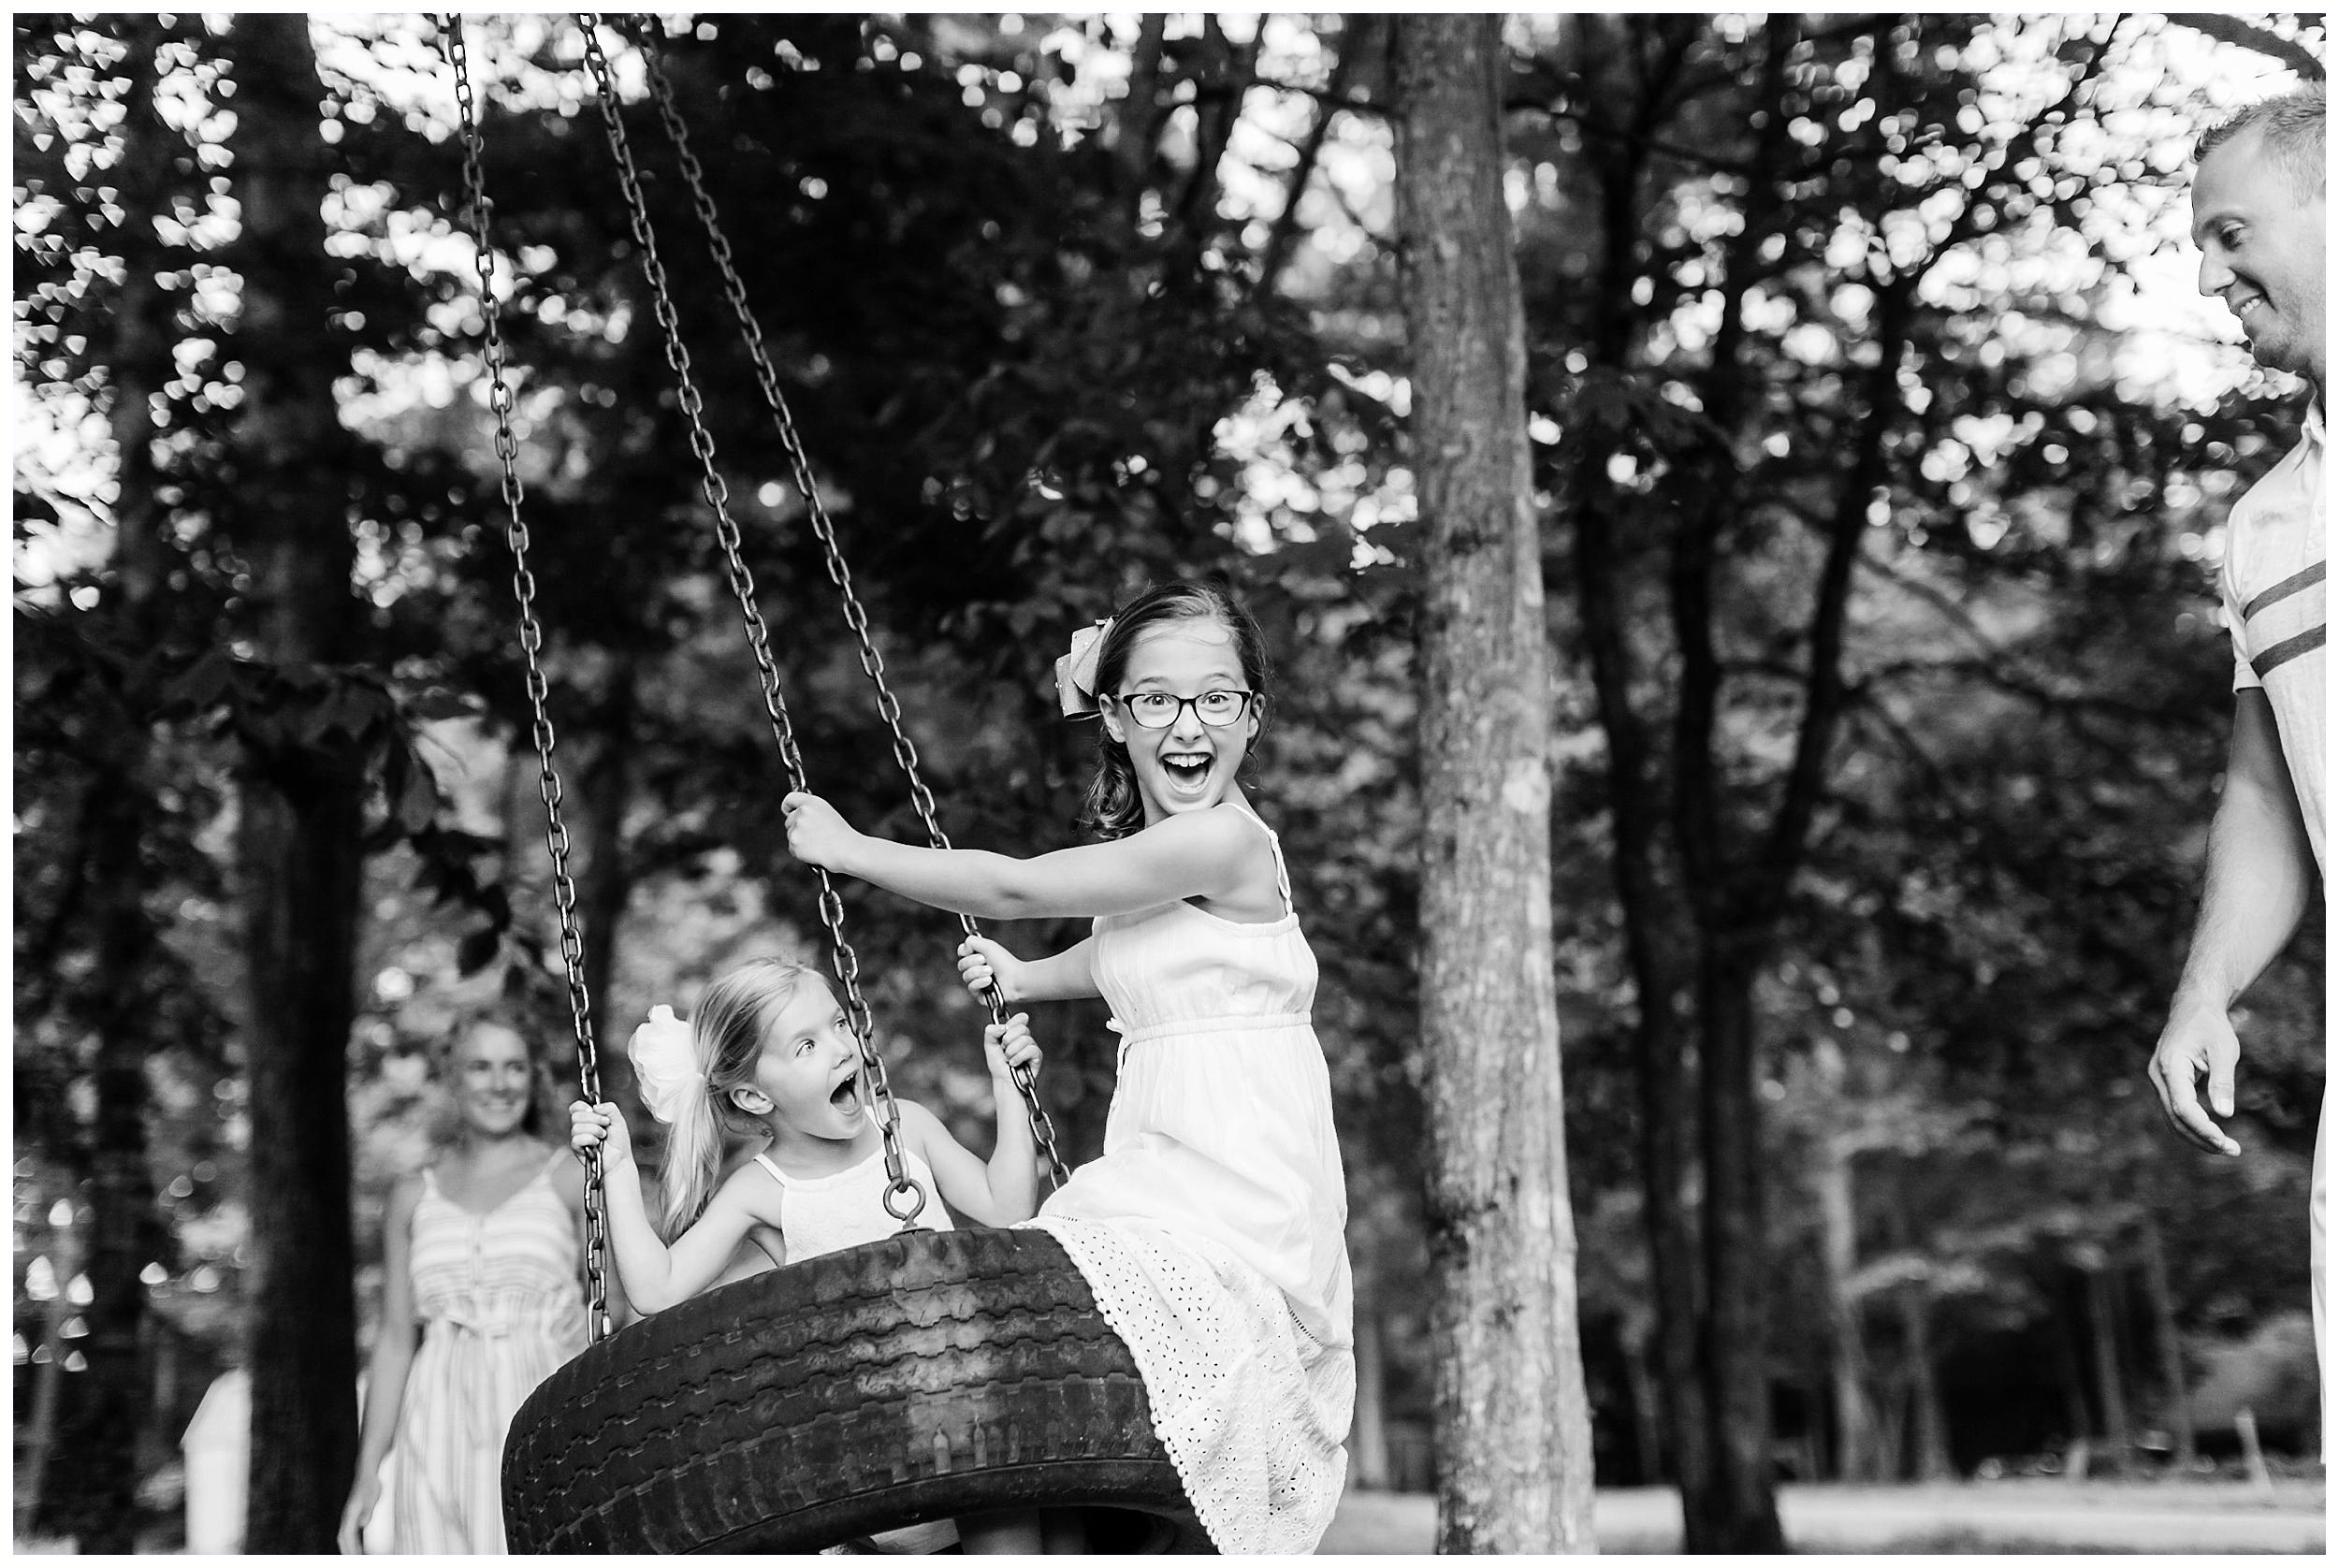 lexington-ky-family-lifestyle-photos-by-priscilla-baierlein_1241.jpg